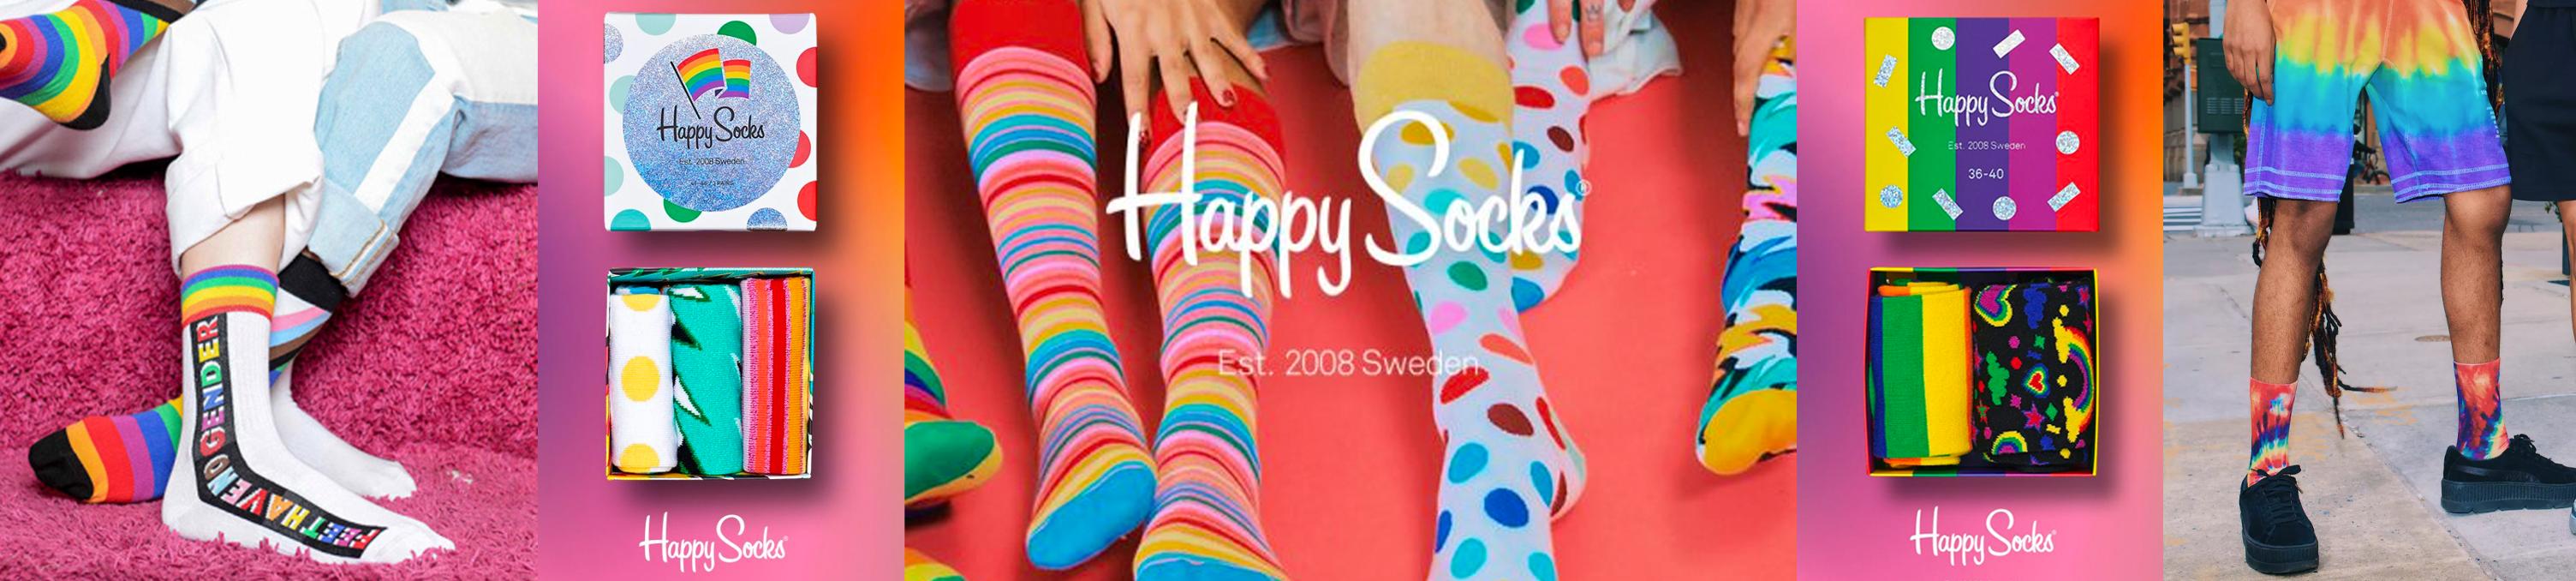 happy socks pride advert 2020